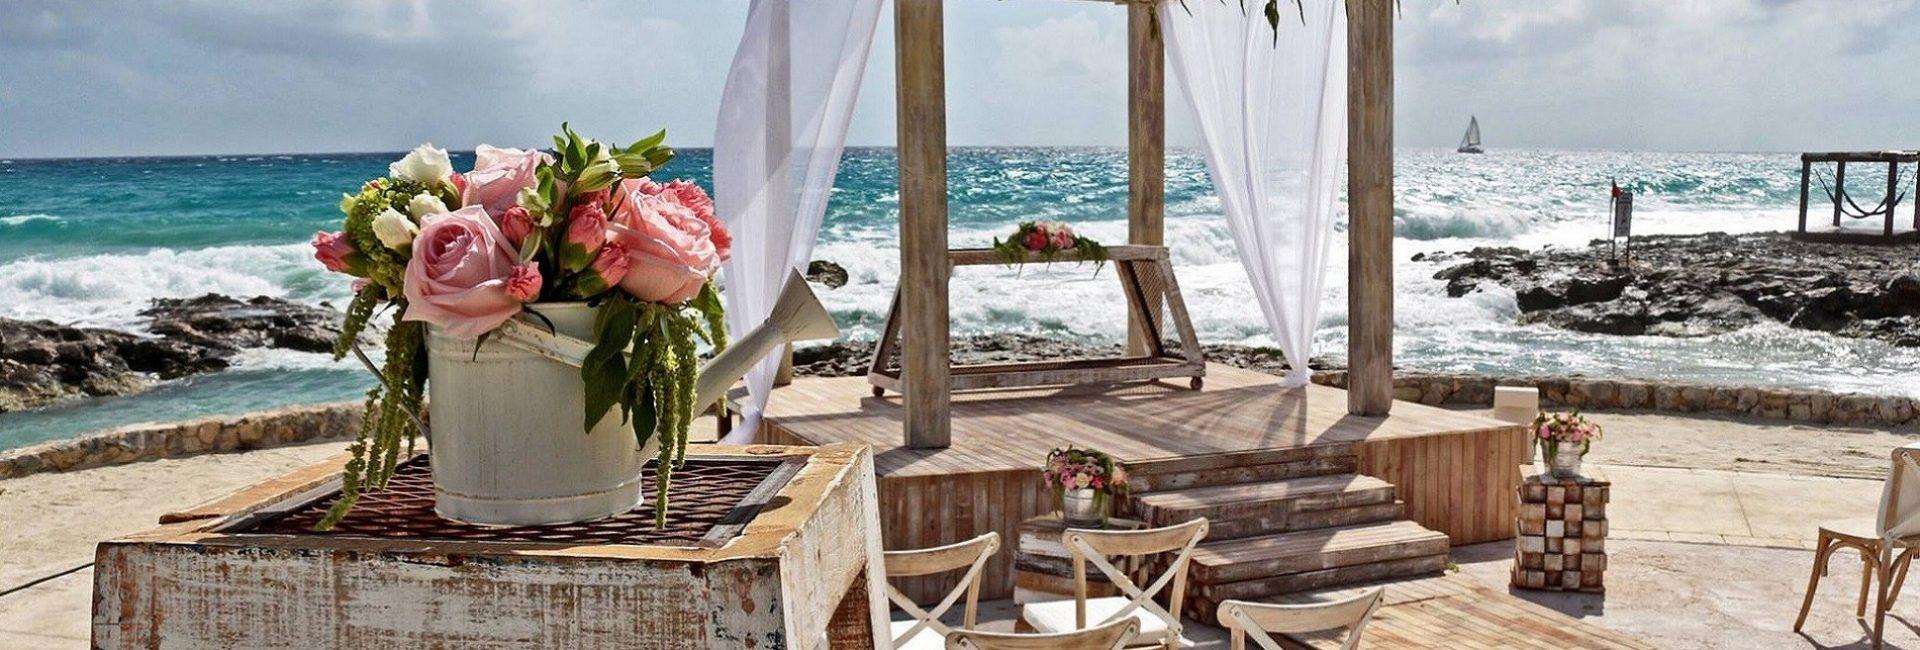 Putovanje u Meksiko, Cancun - najljepšu plažu Meksika